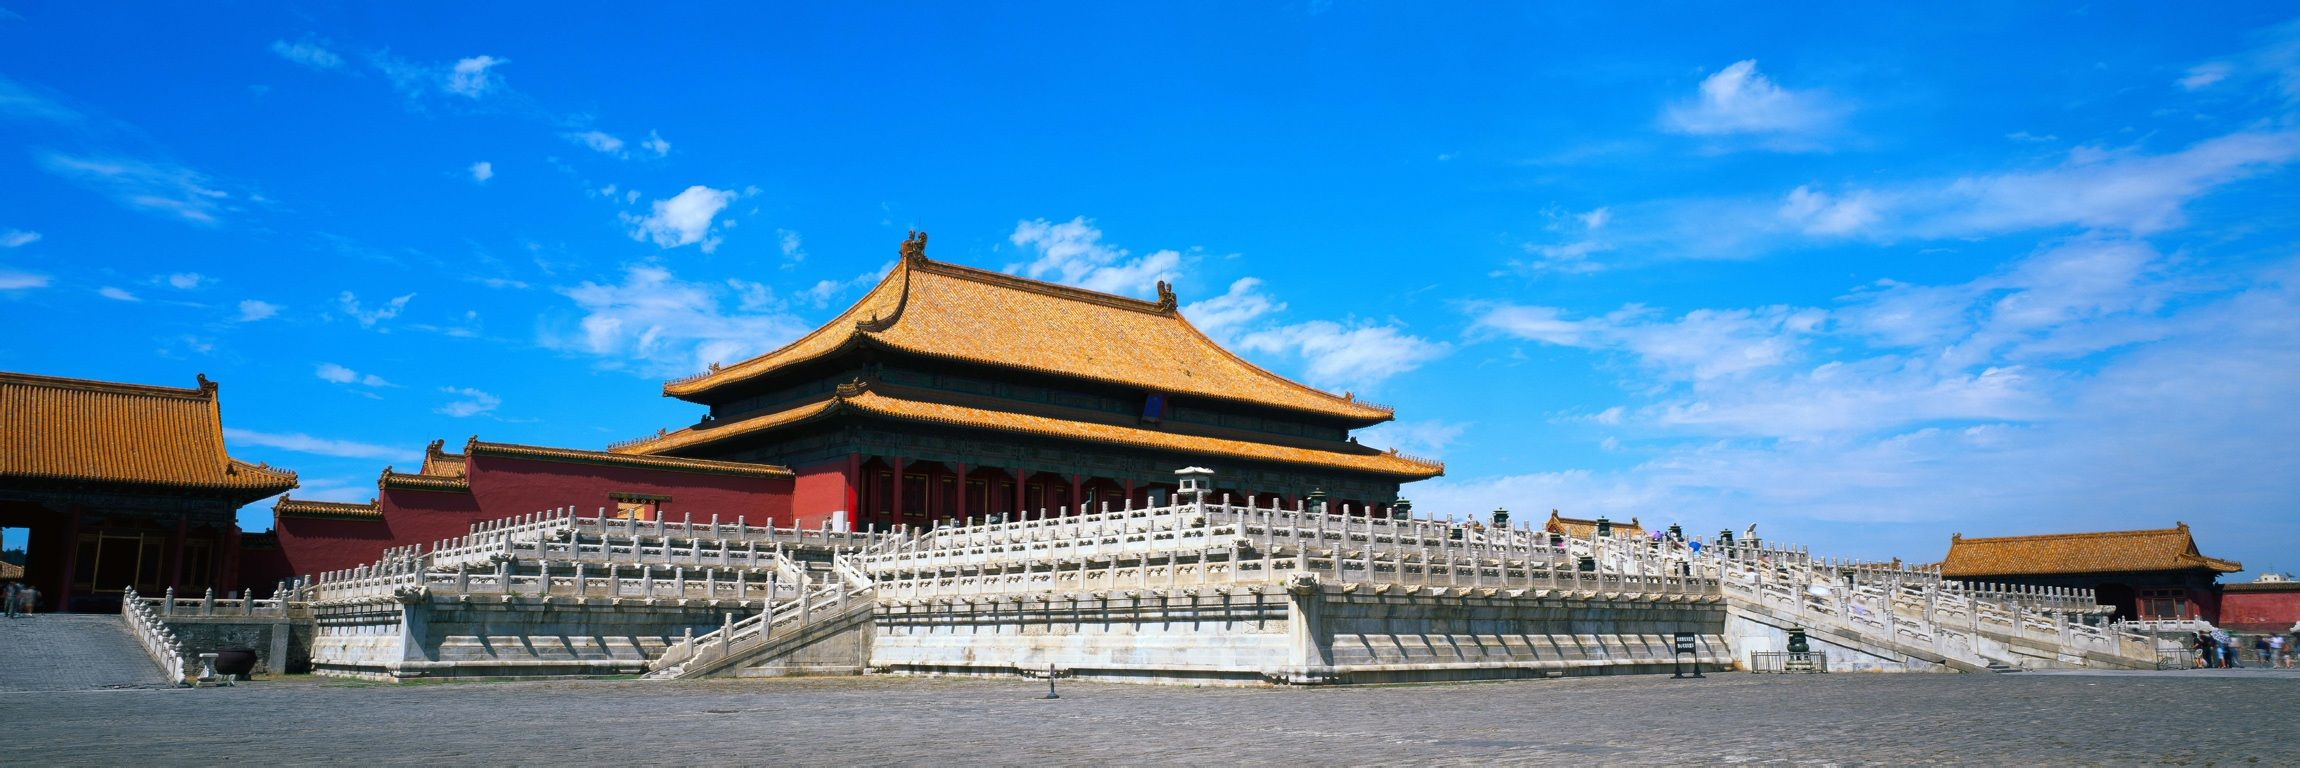 【遇见北京】故宫、景山、外观清华/北大、长城、颐和园、天坛奥林匹克双飞五天纯玩游